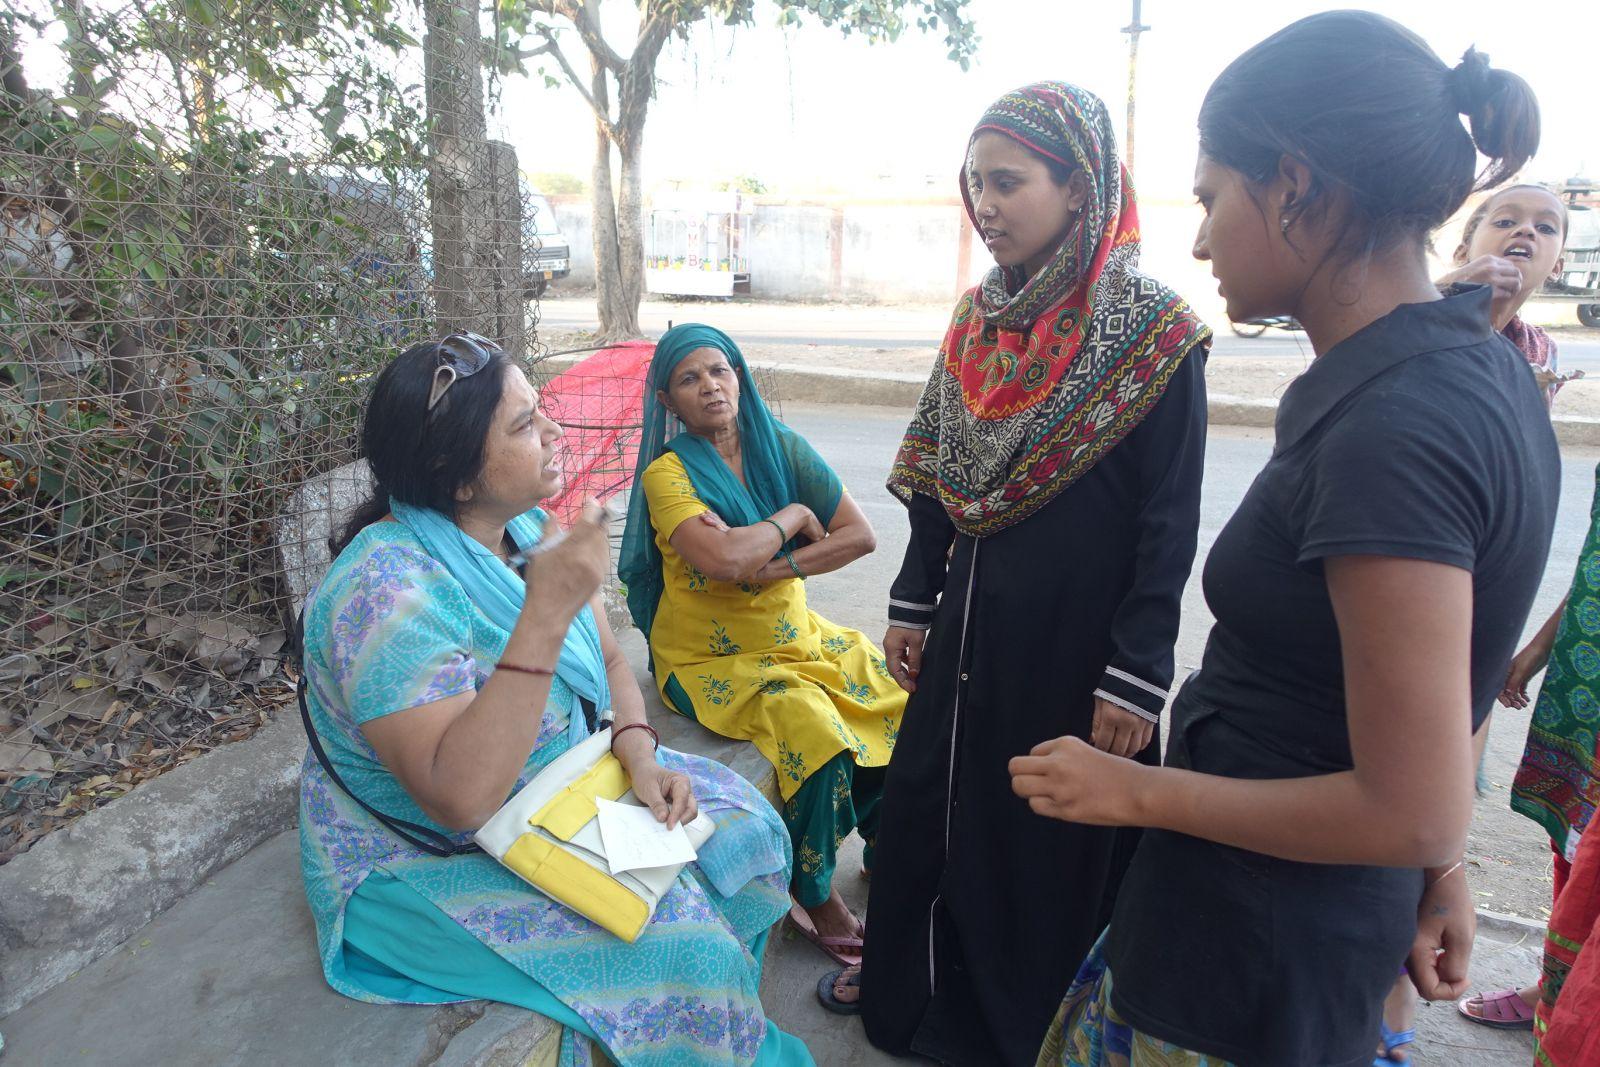 替氣爆受害者爭取權益的Sadhna Karnik(左)正在瞭解災民需求